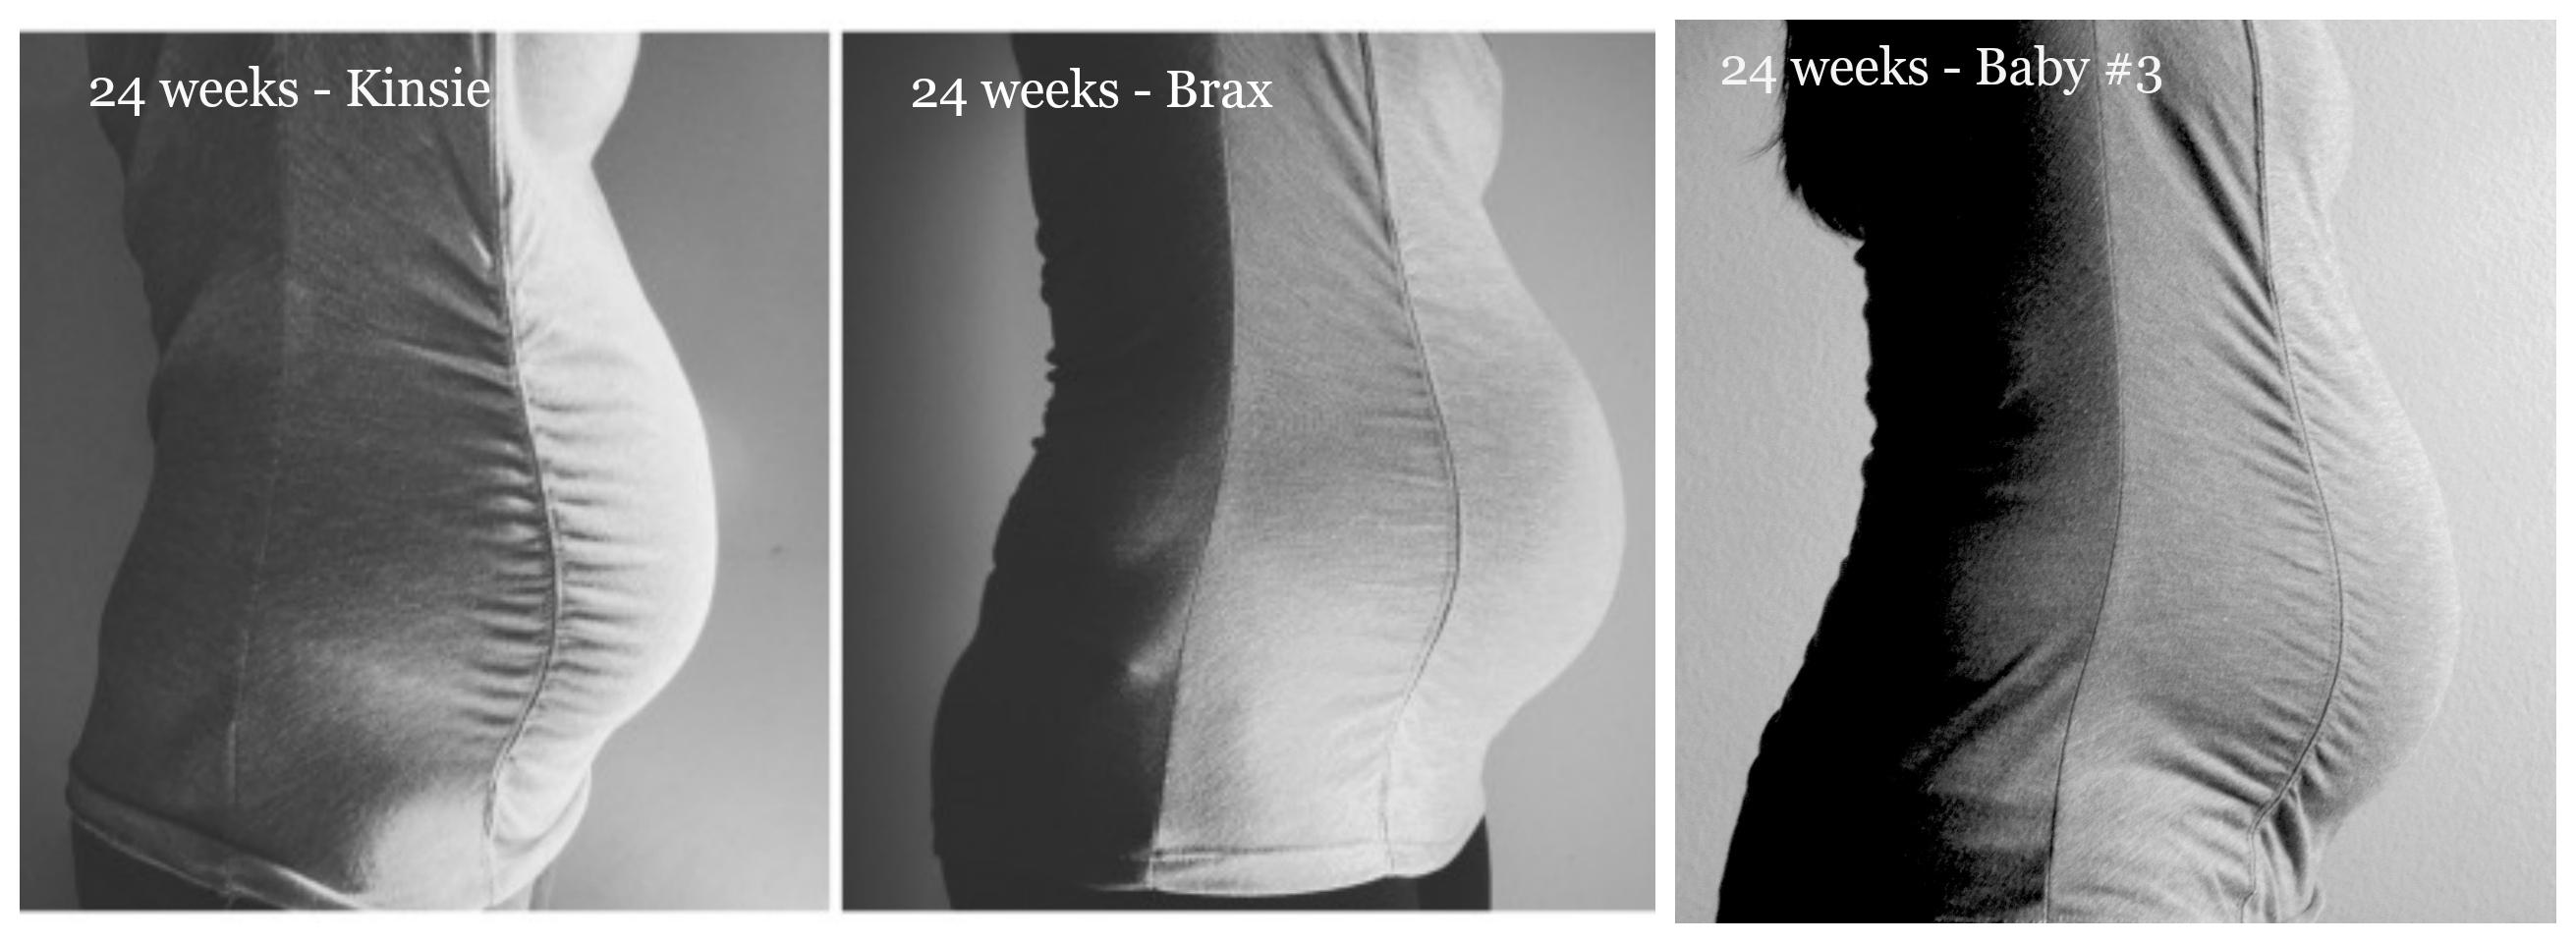 24weeks-3babies